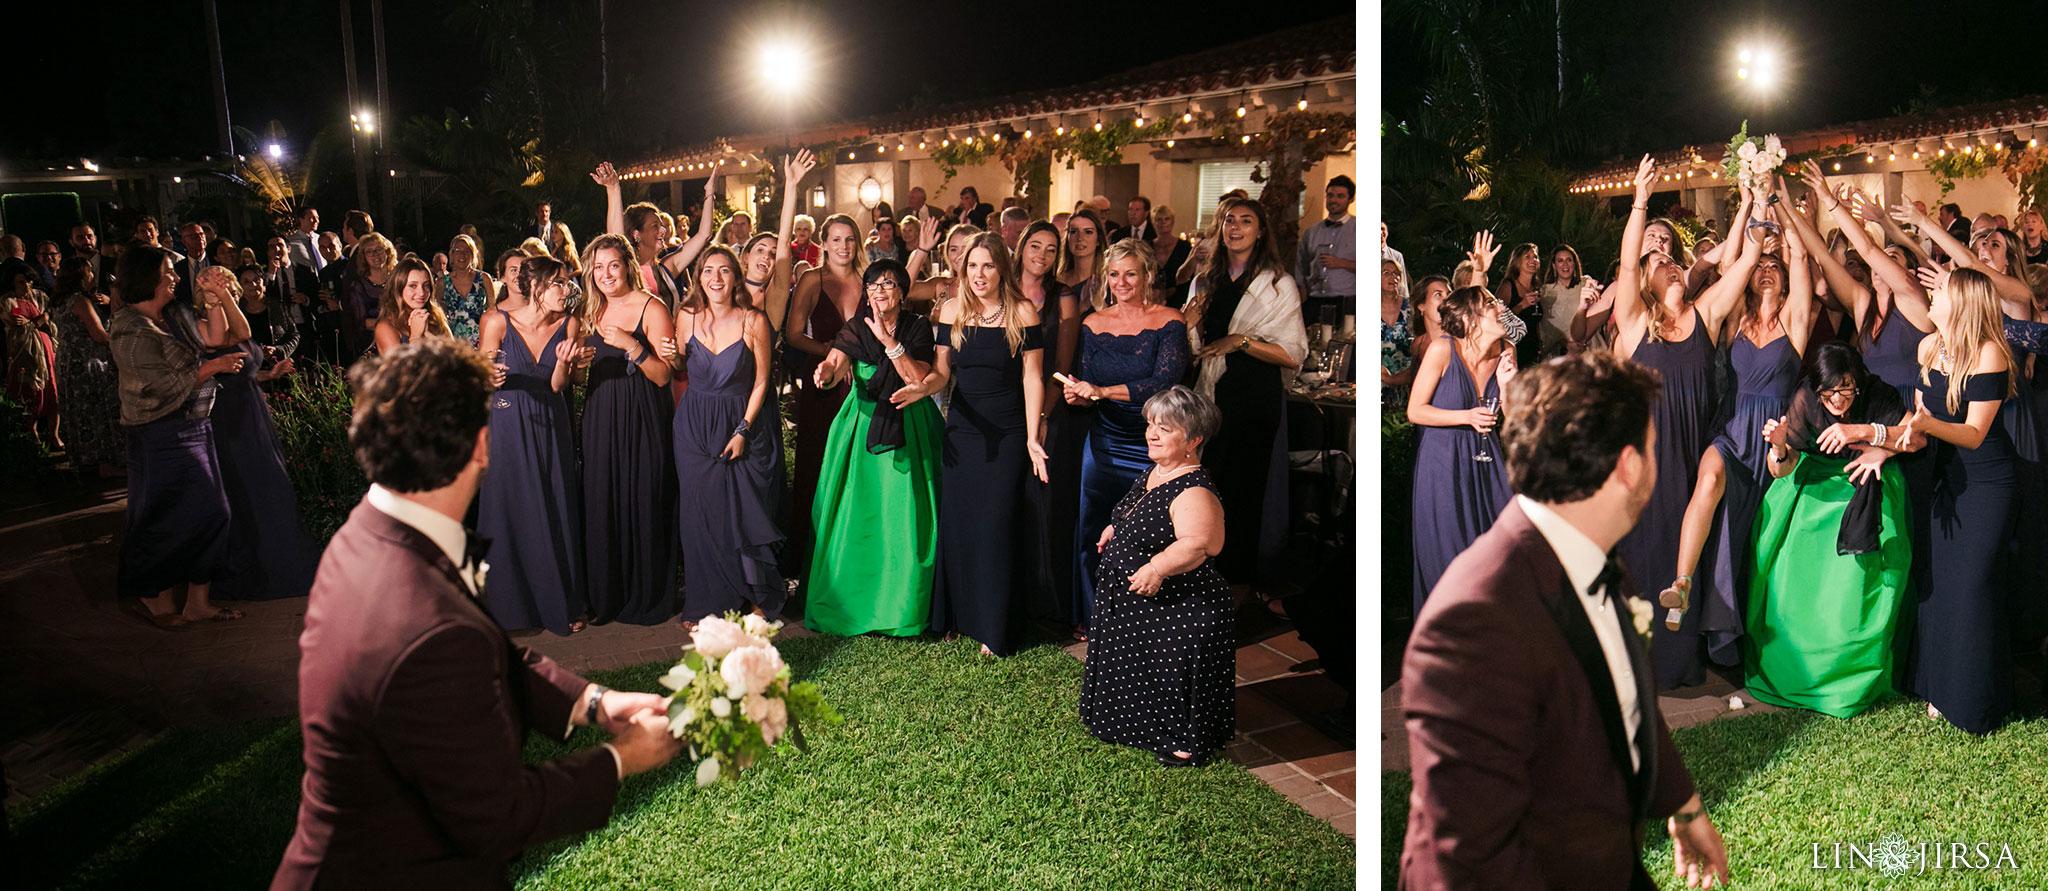 44 sherman library gardens corona del mar same sex wedding photography